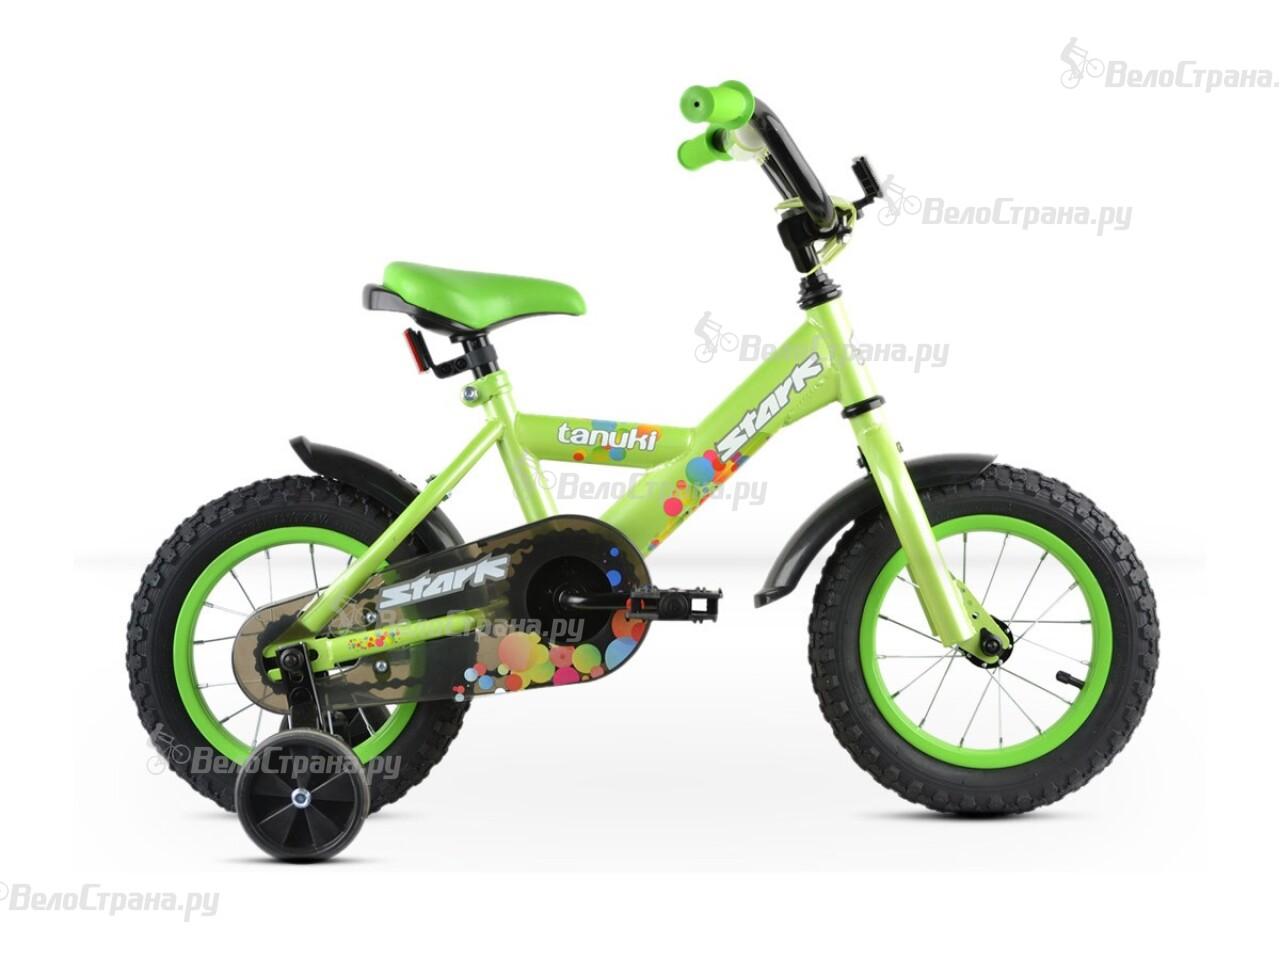 Велосипед Stark Tanuki 14 (2013) велосипед stark tanuki 14 boy 2017